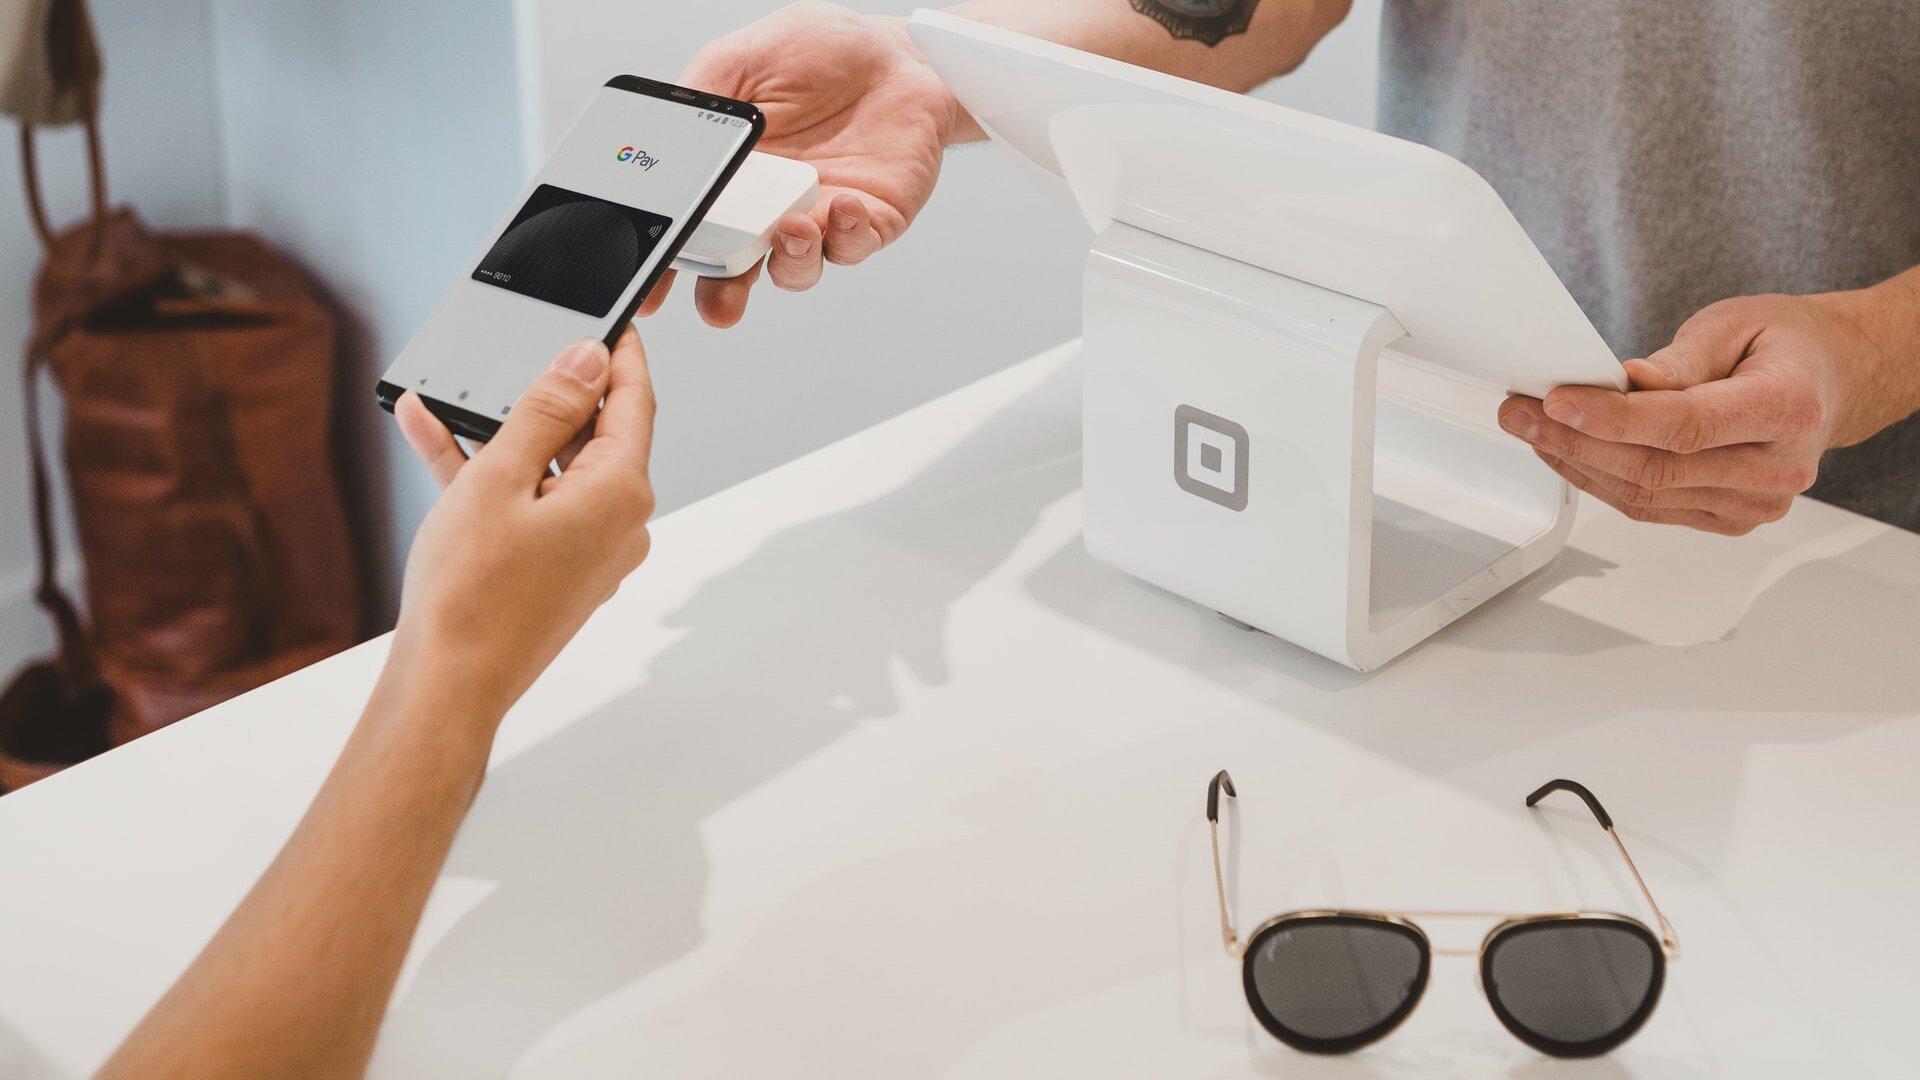 おすすめのiD付きクレジットカード!使い方やメリット・デメリット